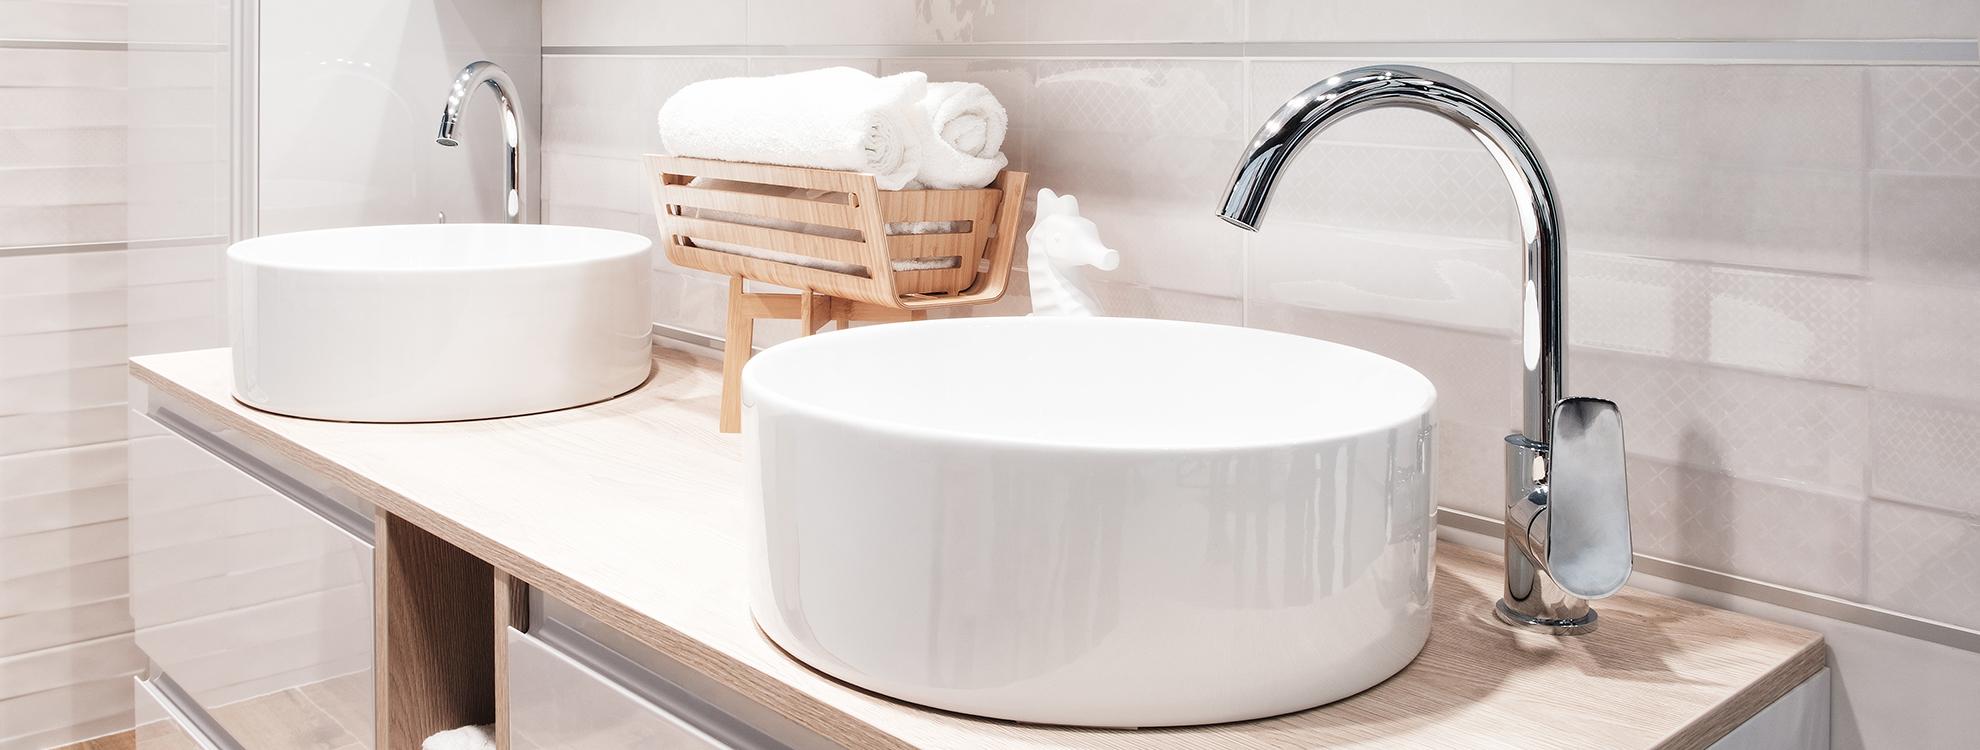 reforma integral baño Zaragoza